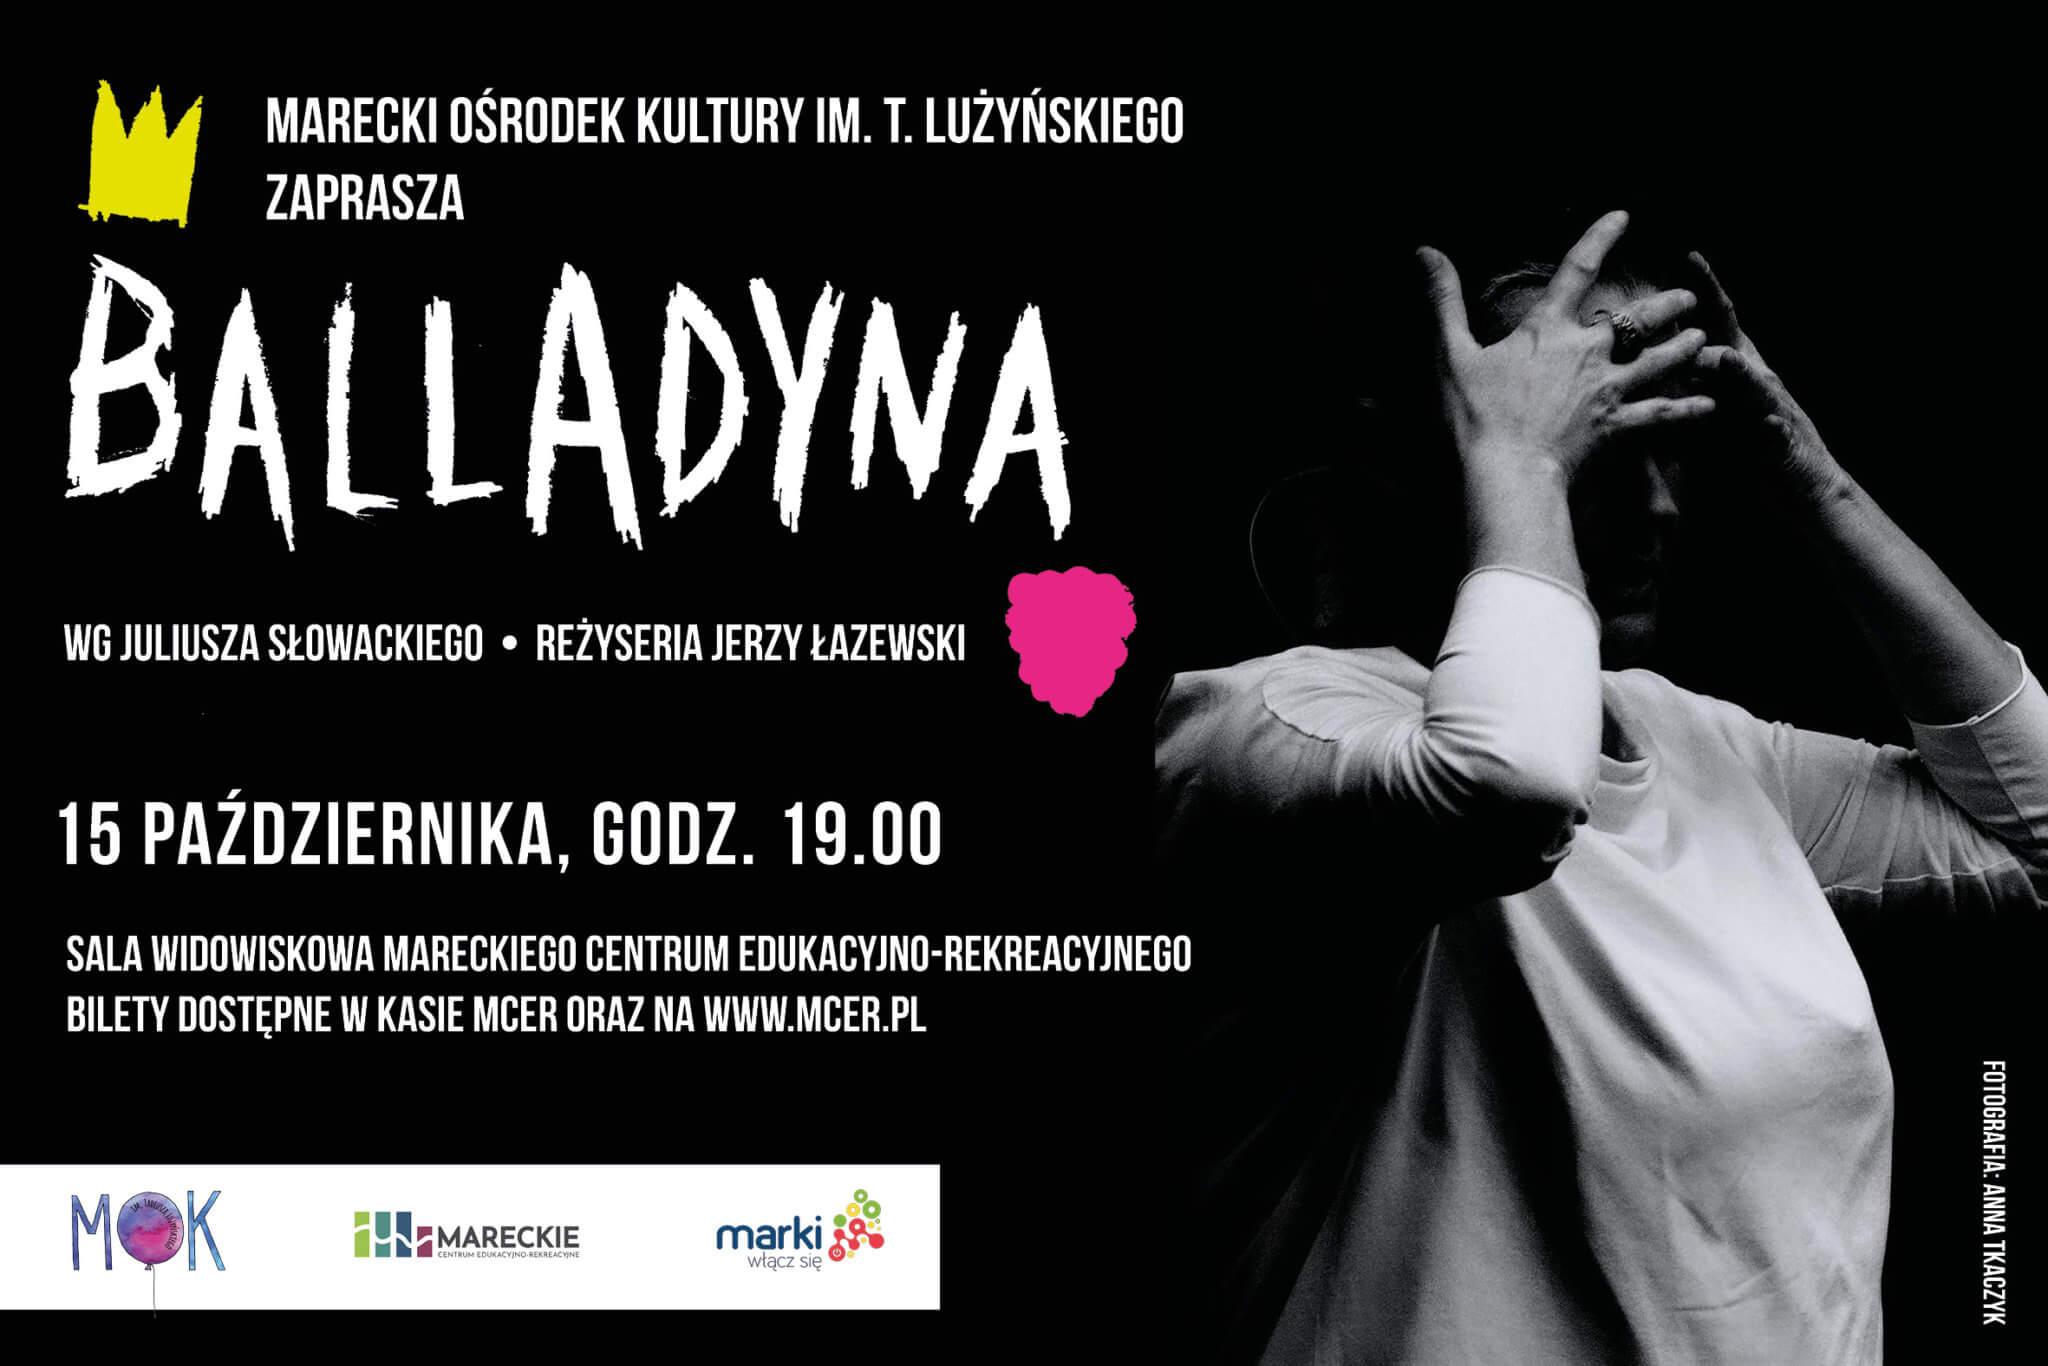 Balladyna 3x2 1